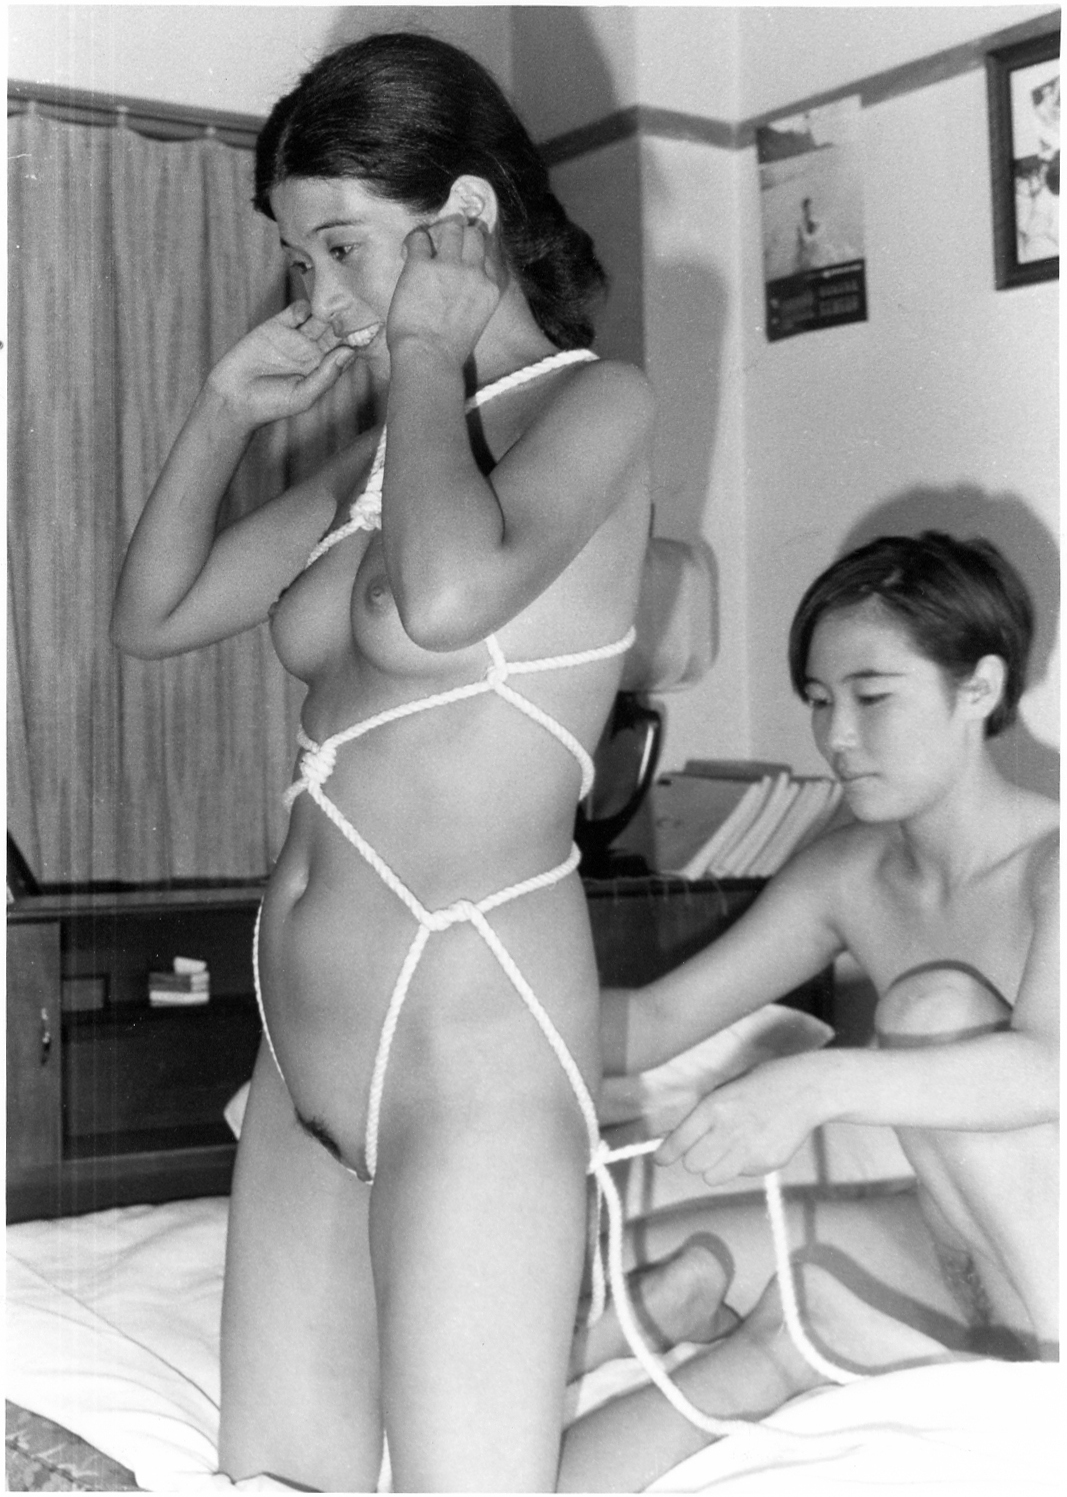 昭和女子小学生ポルノ画像 オランダチャイルドポルノand昭和女子小学生ポルノ写真 | CLOUDY ...